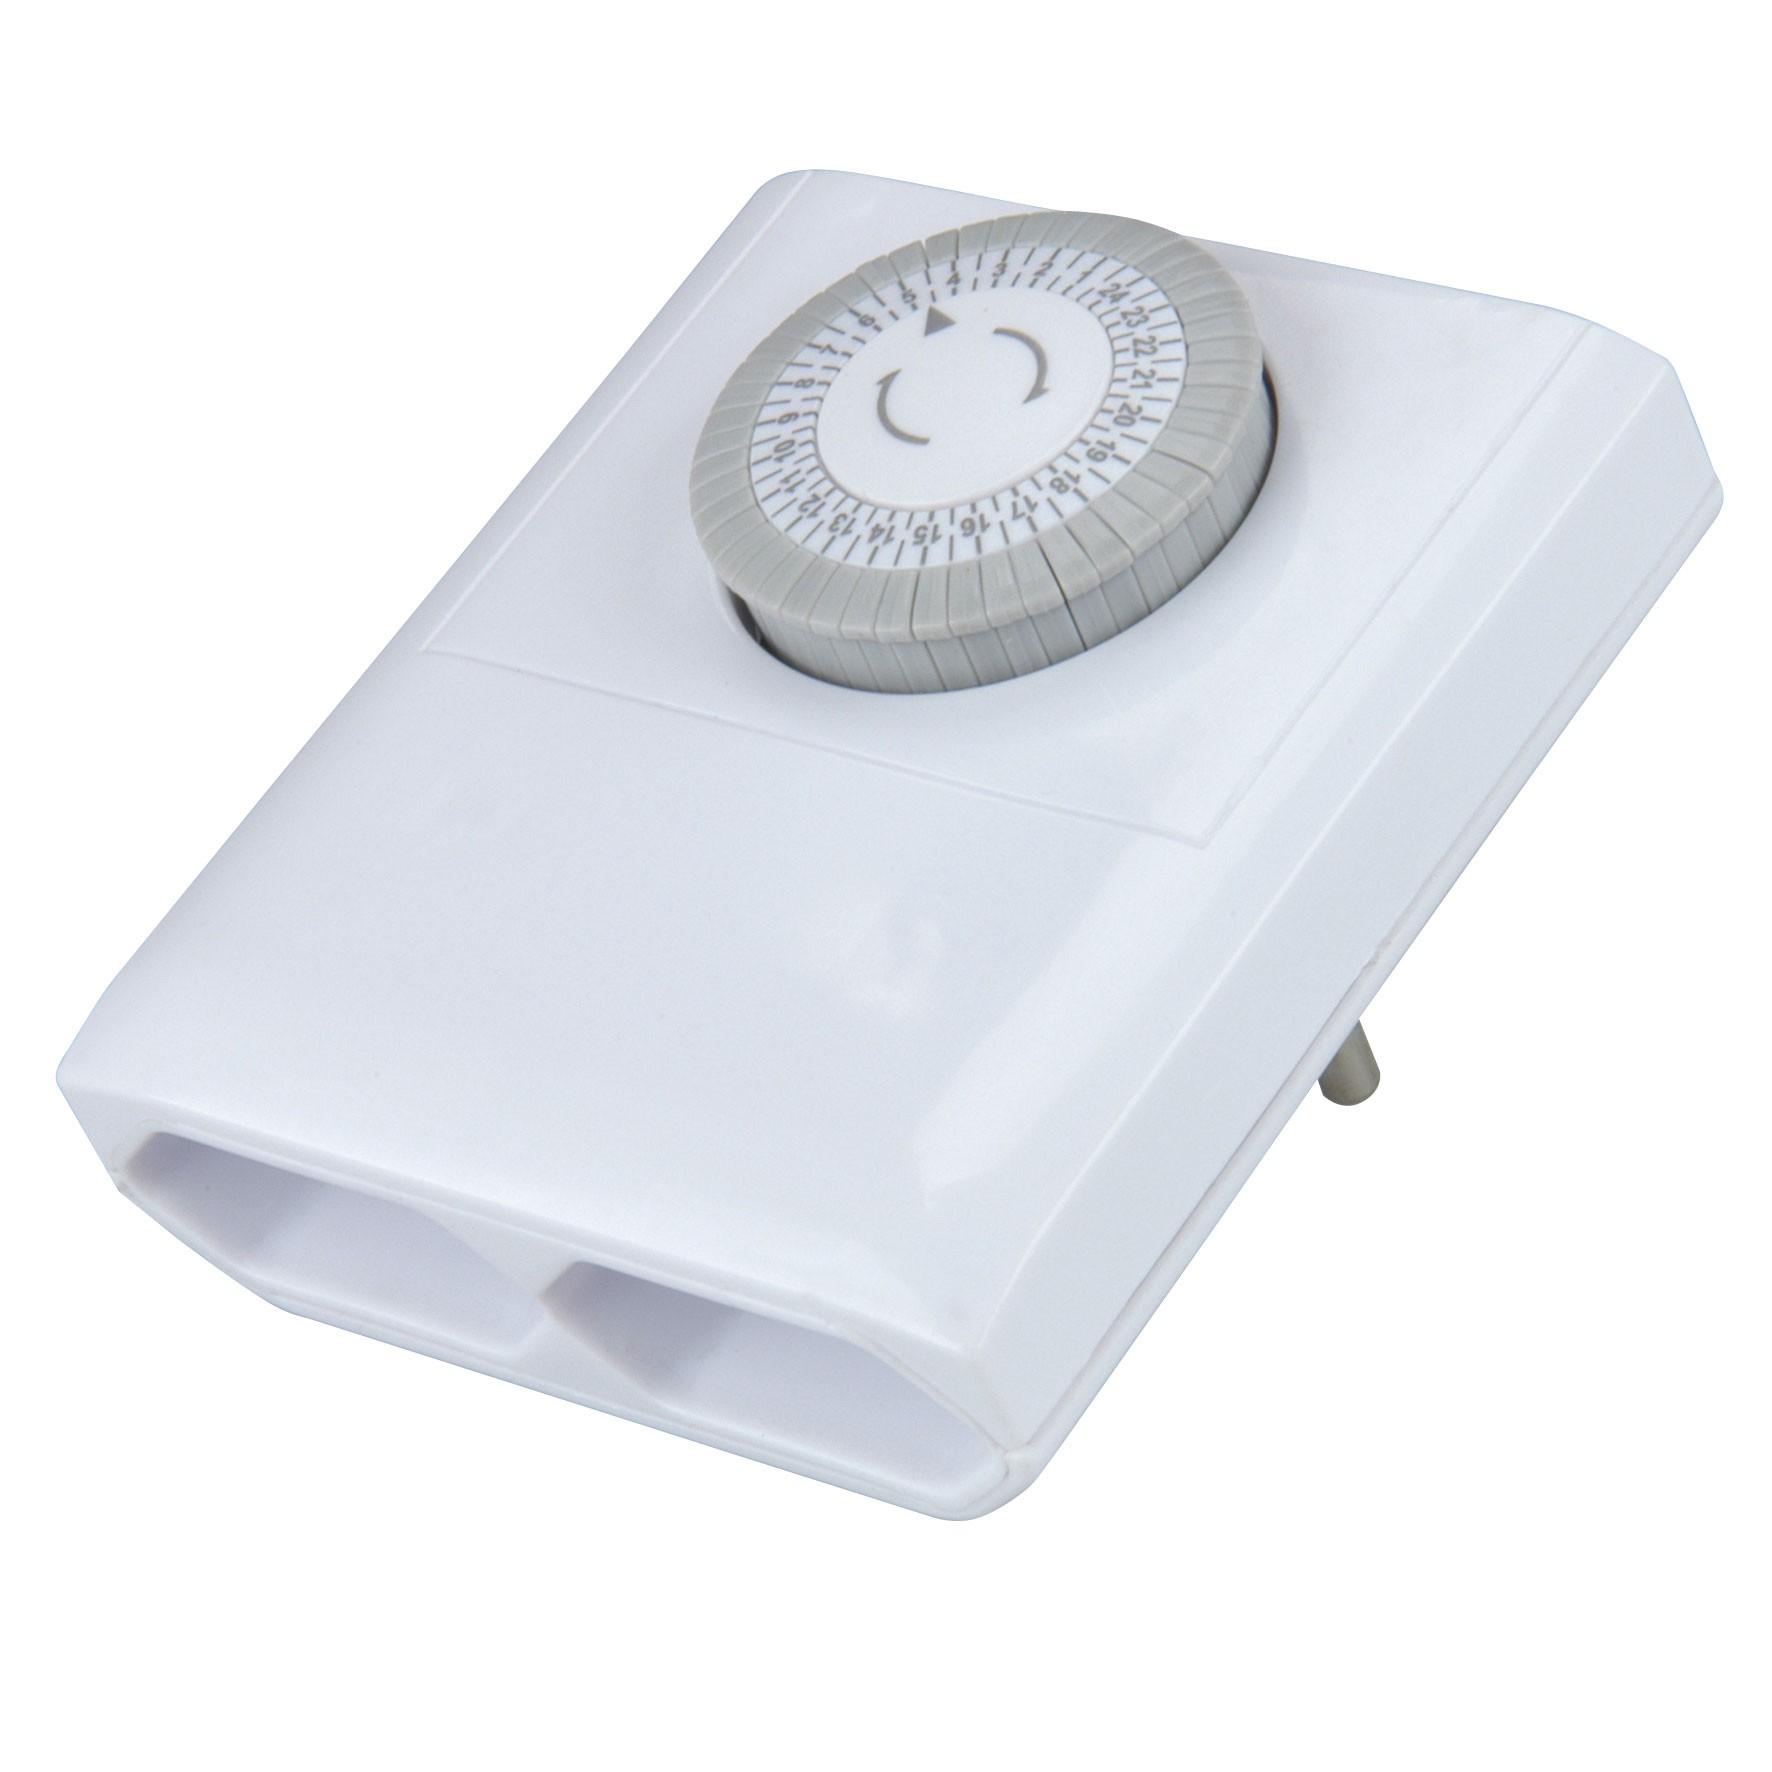 Unitec Tageszeitschaltuhr analog für Innen inkl. 2 Eurosteckdosen Bild 2